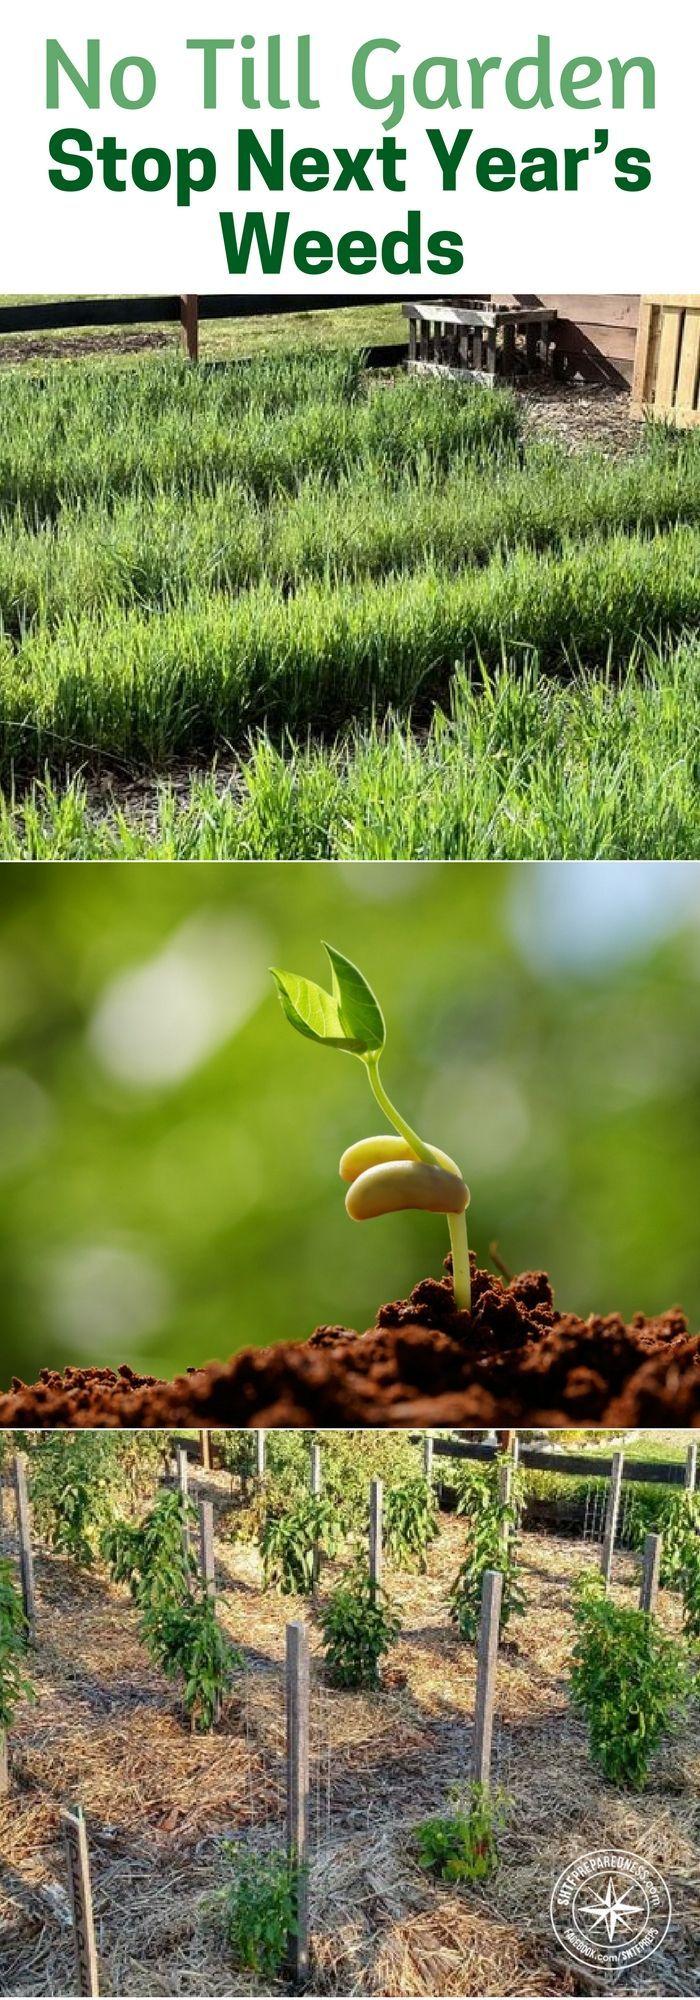 Stop weeds in flower beds - Best 25 Garden Weeds Ideas On Pinterest Garden Ideas To Stop Weeds Insect Repellent Plants And Weeds Vinegar